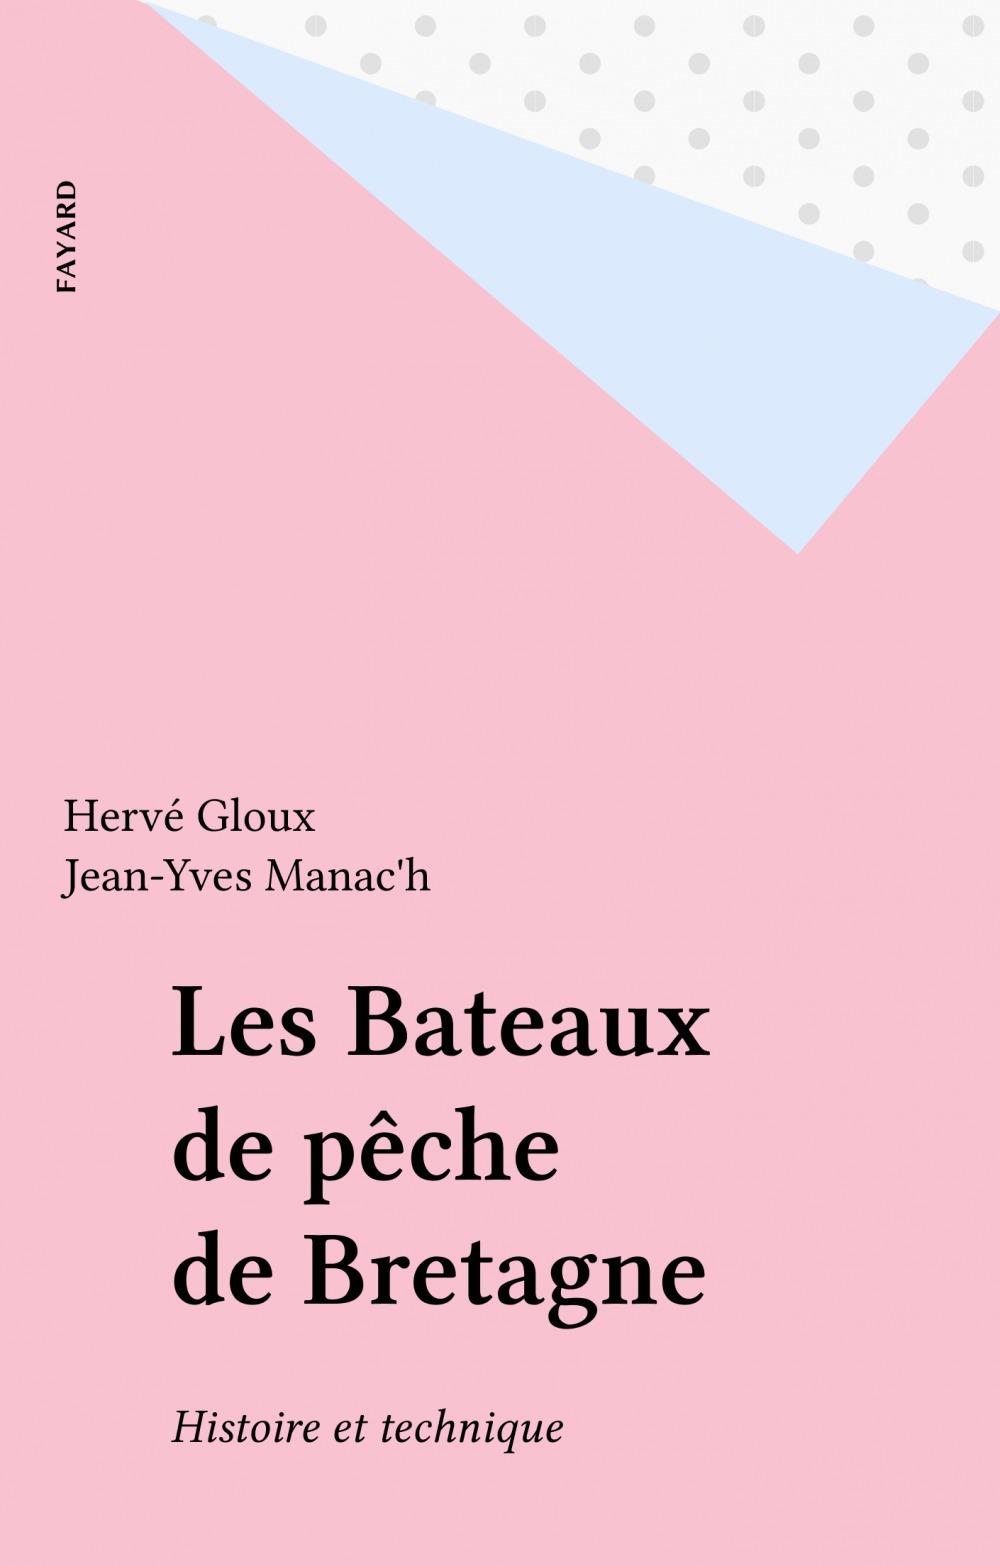 Les Bateaux de pêche de Bretagne  - Jean-Yves Manac'h  - Hervé Gloux